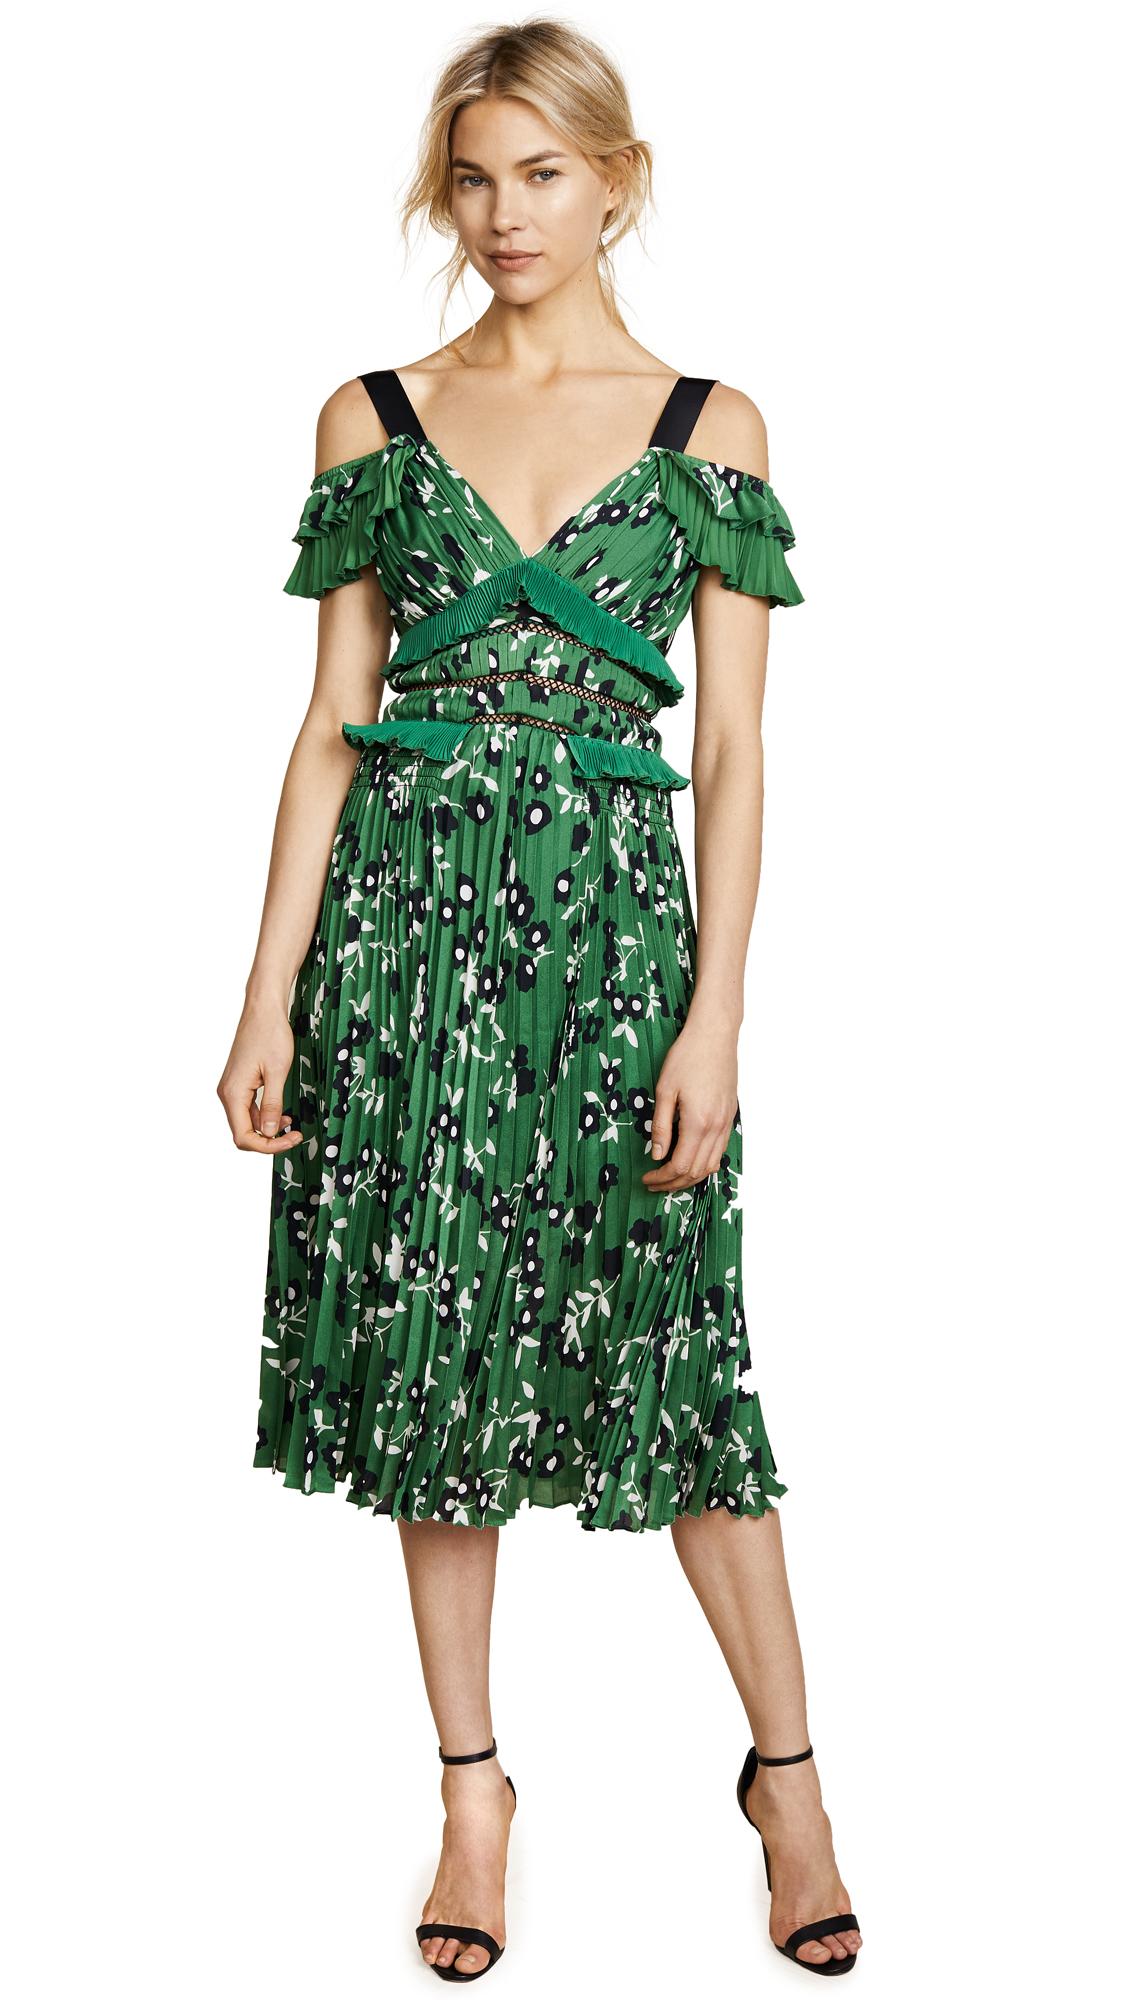 Self Portrait Cold Shoulder Floral Printed Dress - Green